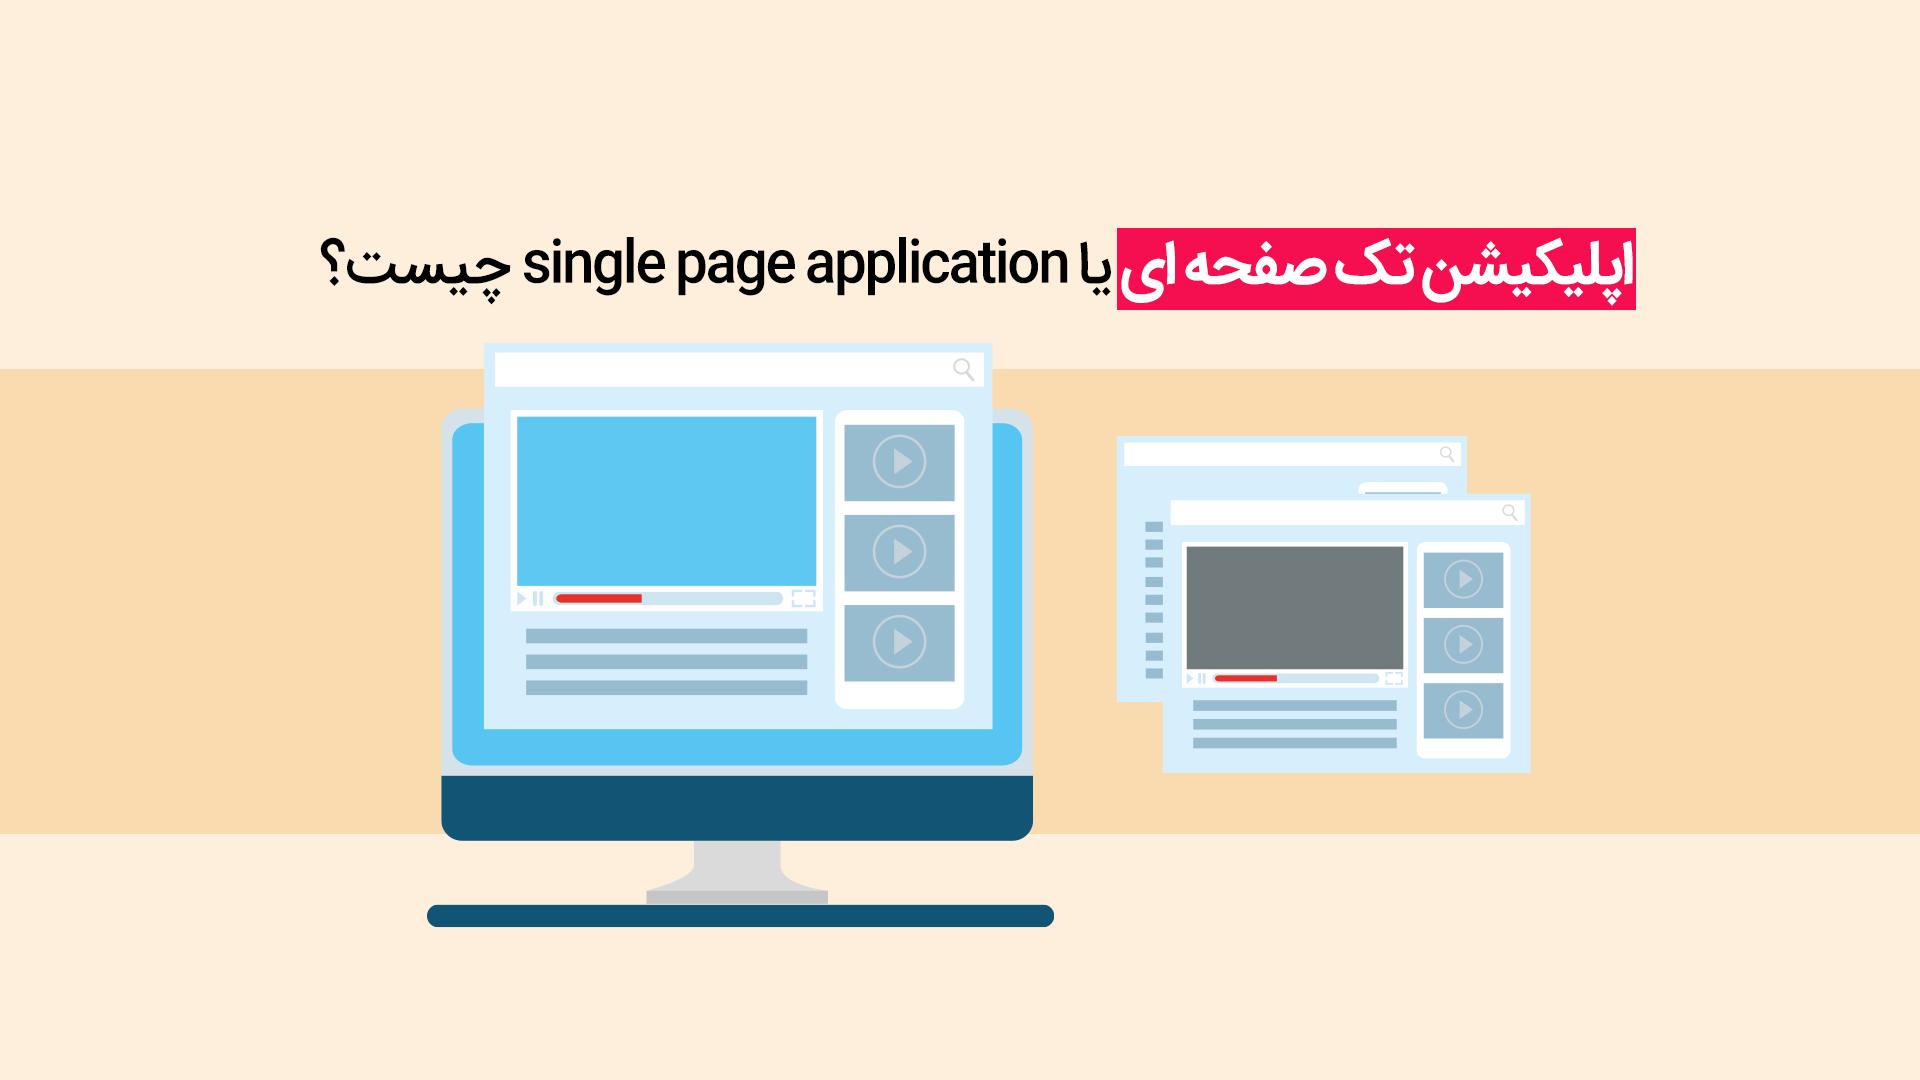 Spa در برنامه نویسی چیست – اپلیکیشن های Single Page (تک صفحه ای)